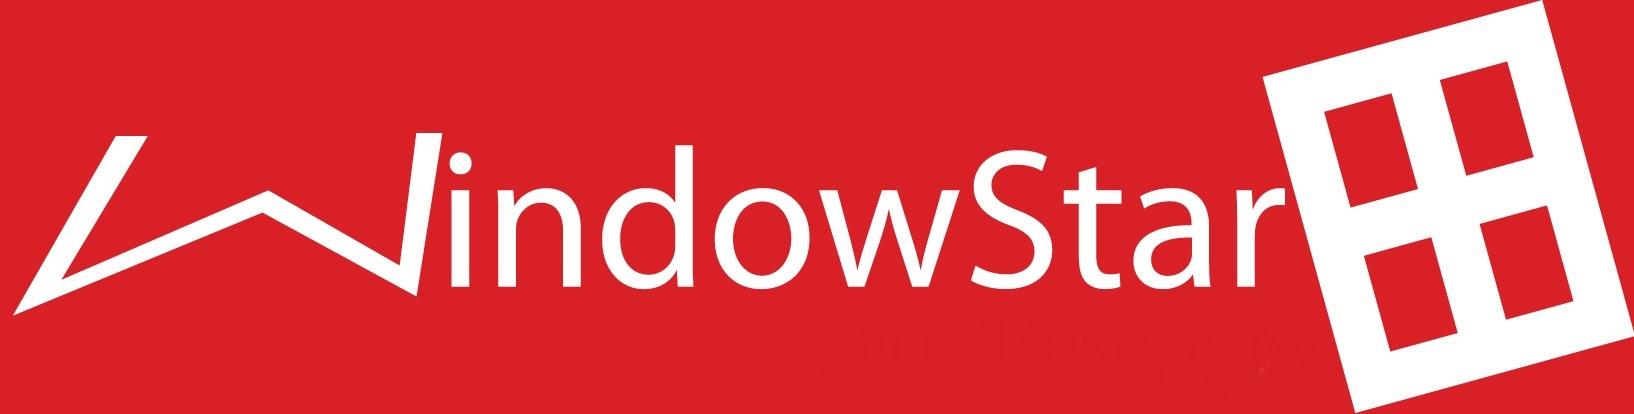 Windowstar logo